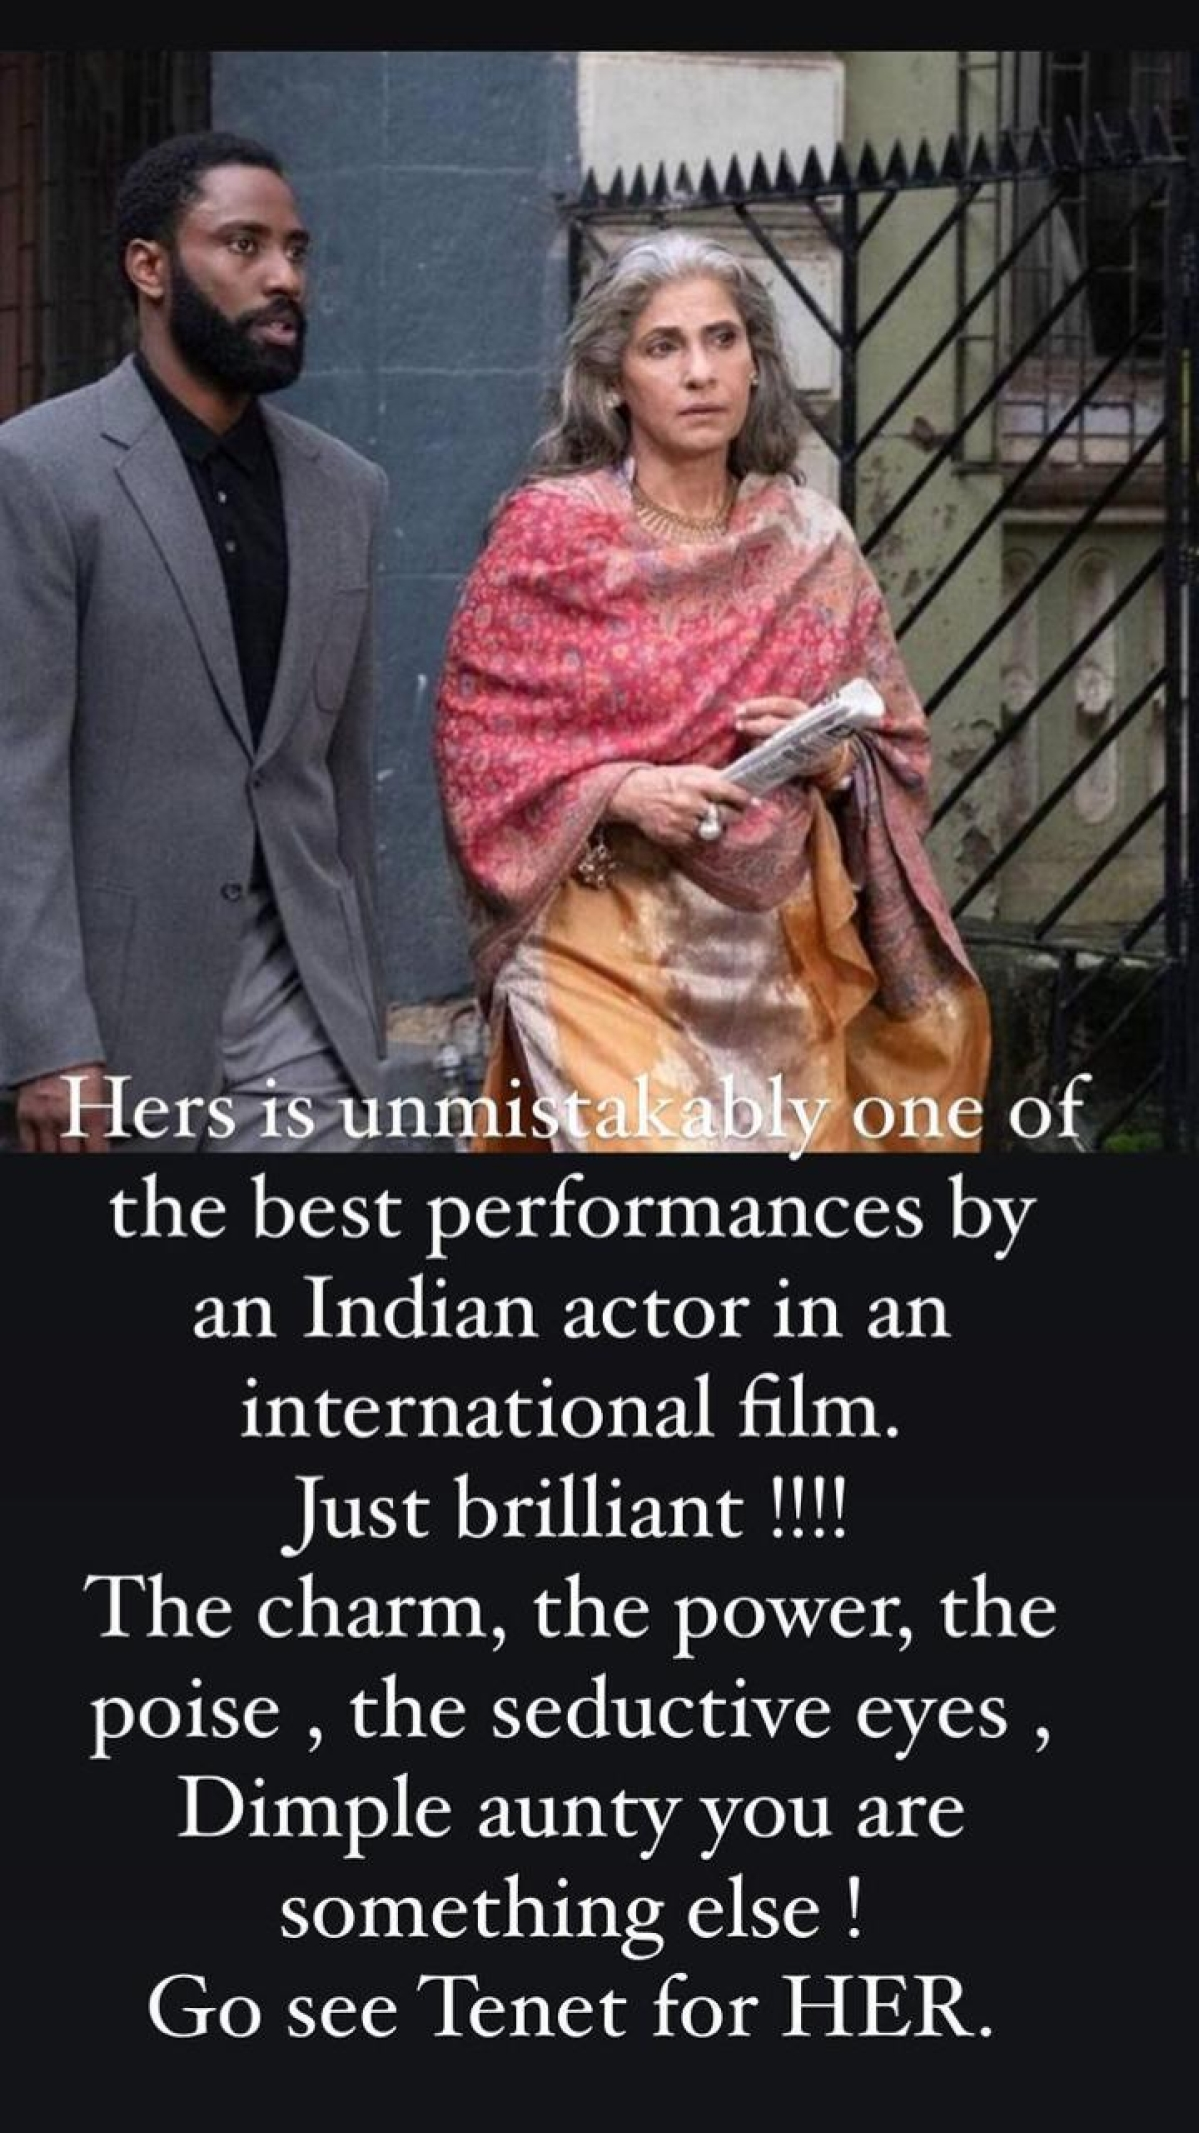 Hrithik Roshan praises Dimple Kapadia for her performance in Christopher Nolan film, says 'go see Tenet for HER'